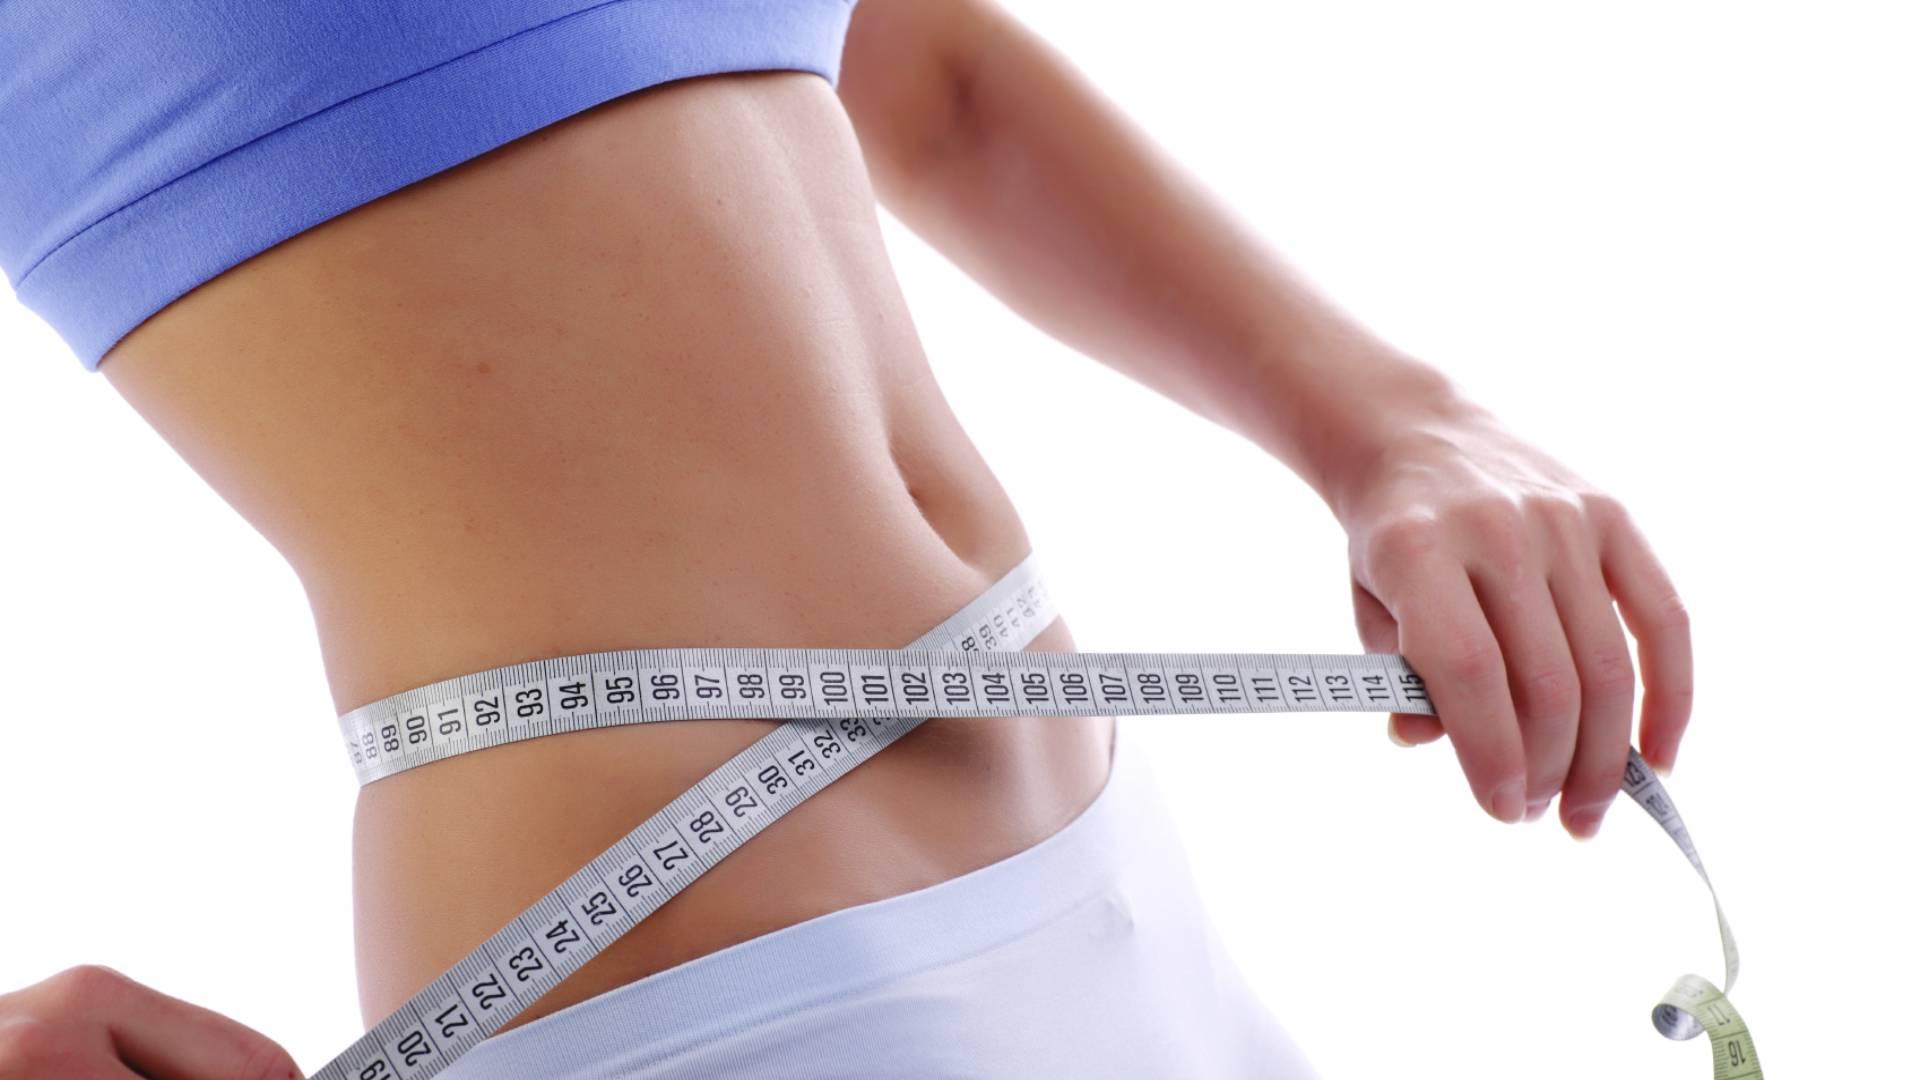 खाने में कार्ब्स की मात्रा घटाएं बिना आप भी हो सकते है एकदम फिट, बस इन 5 टिप्स को अपनाकर बदले अपनी लाइफस्टाइल